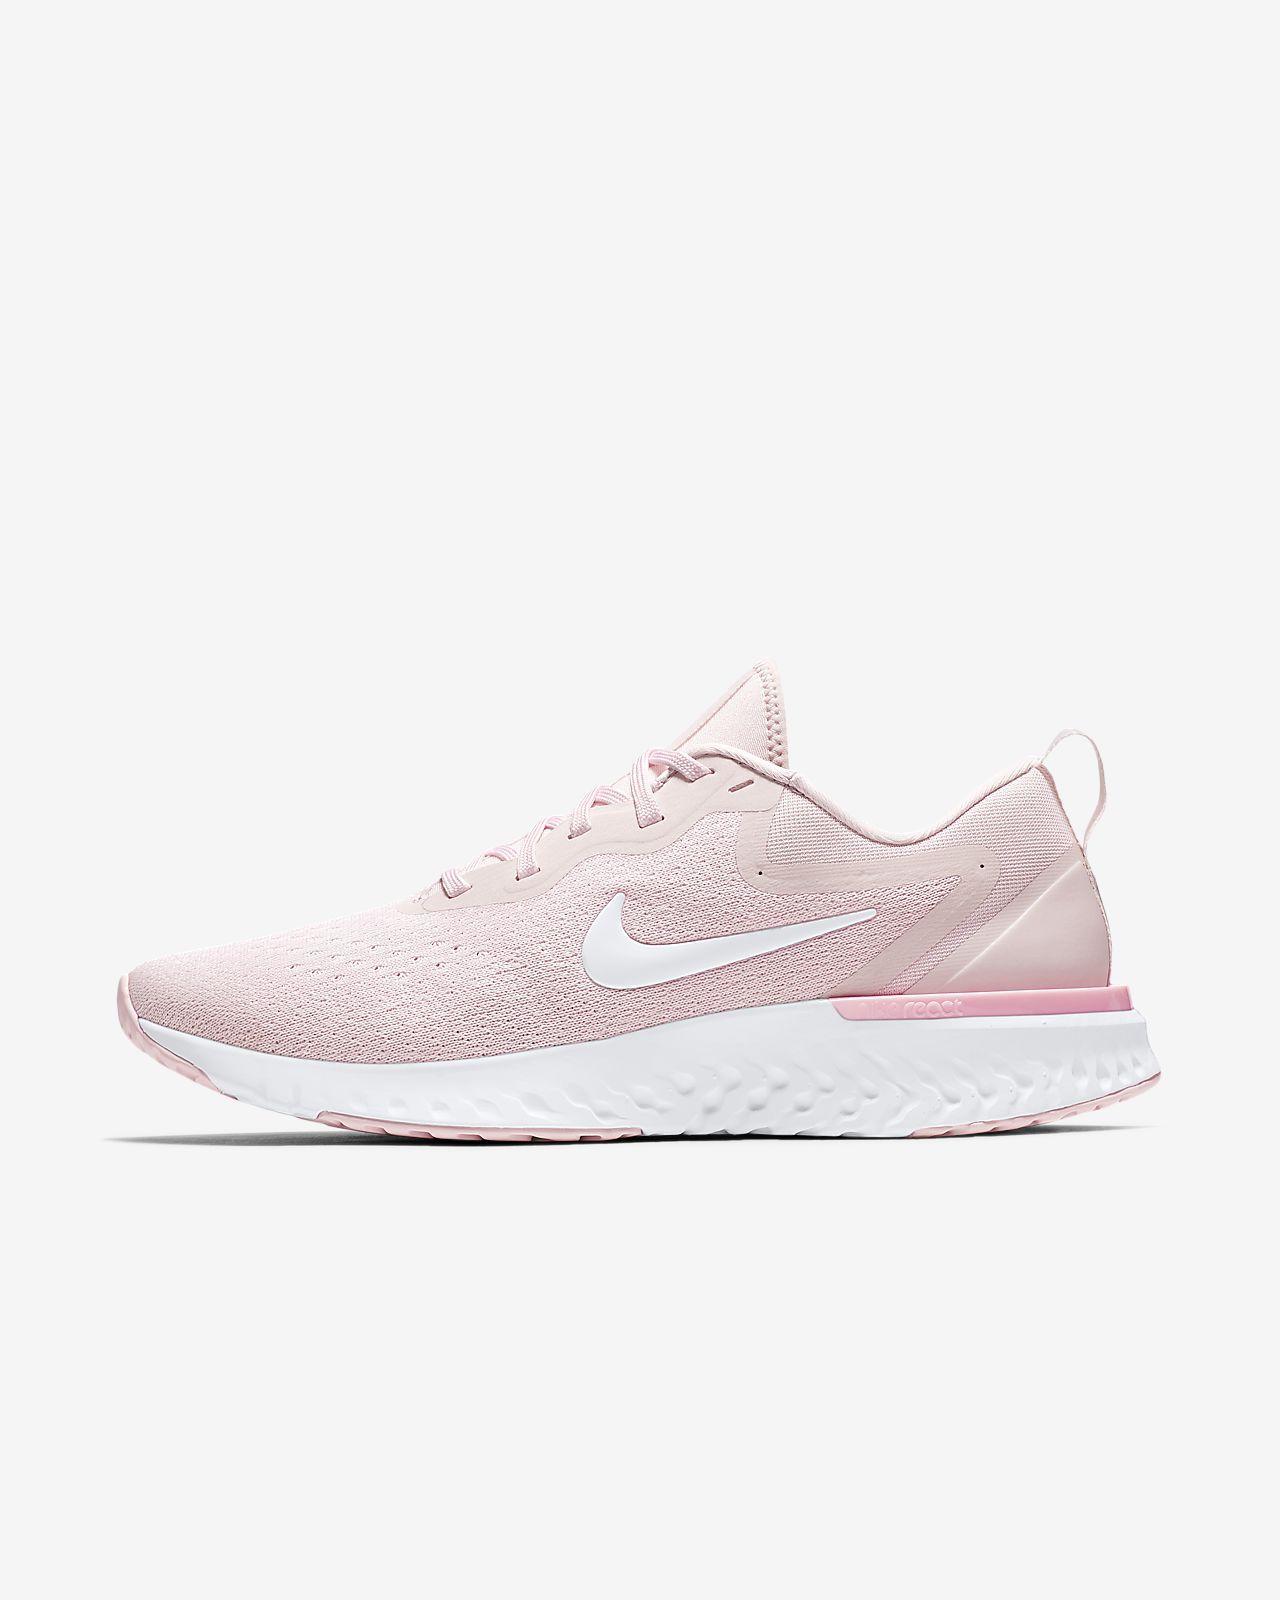 bc2973c58c12 Nike Odyssey React Women s Running Shoe